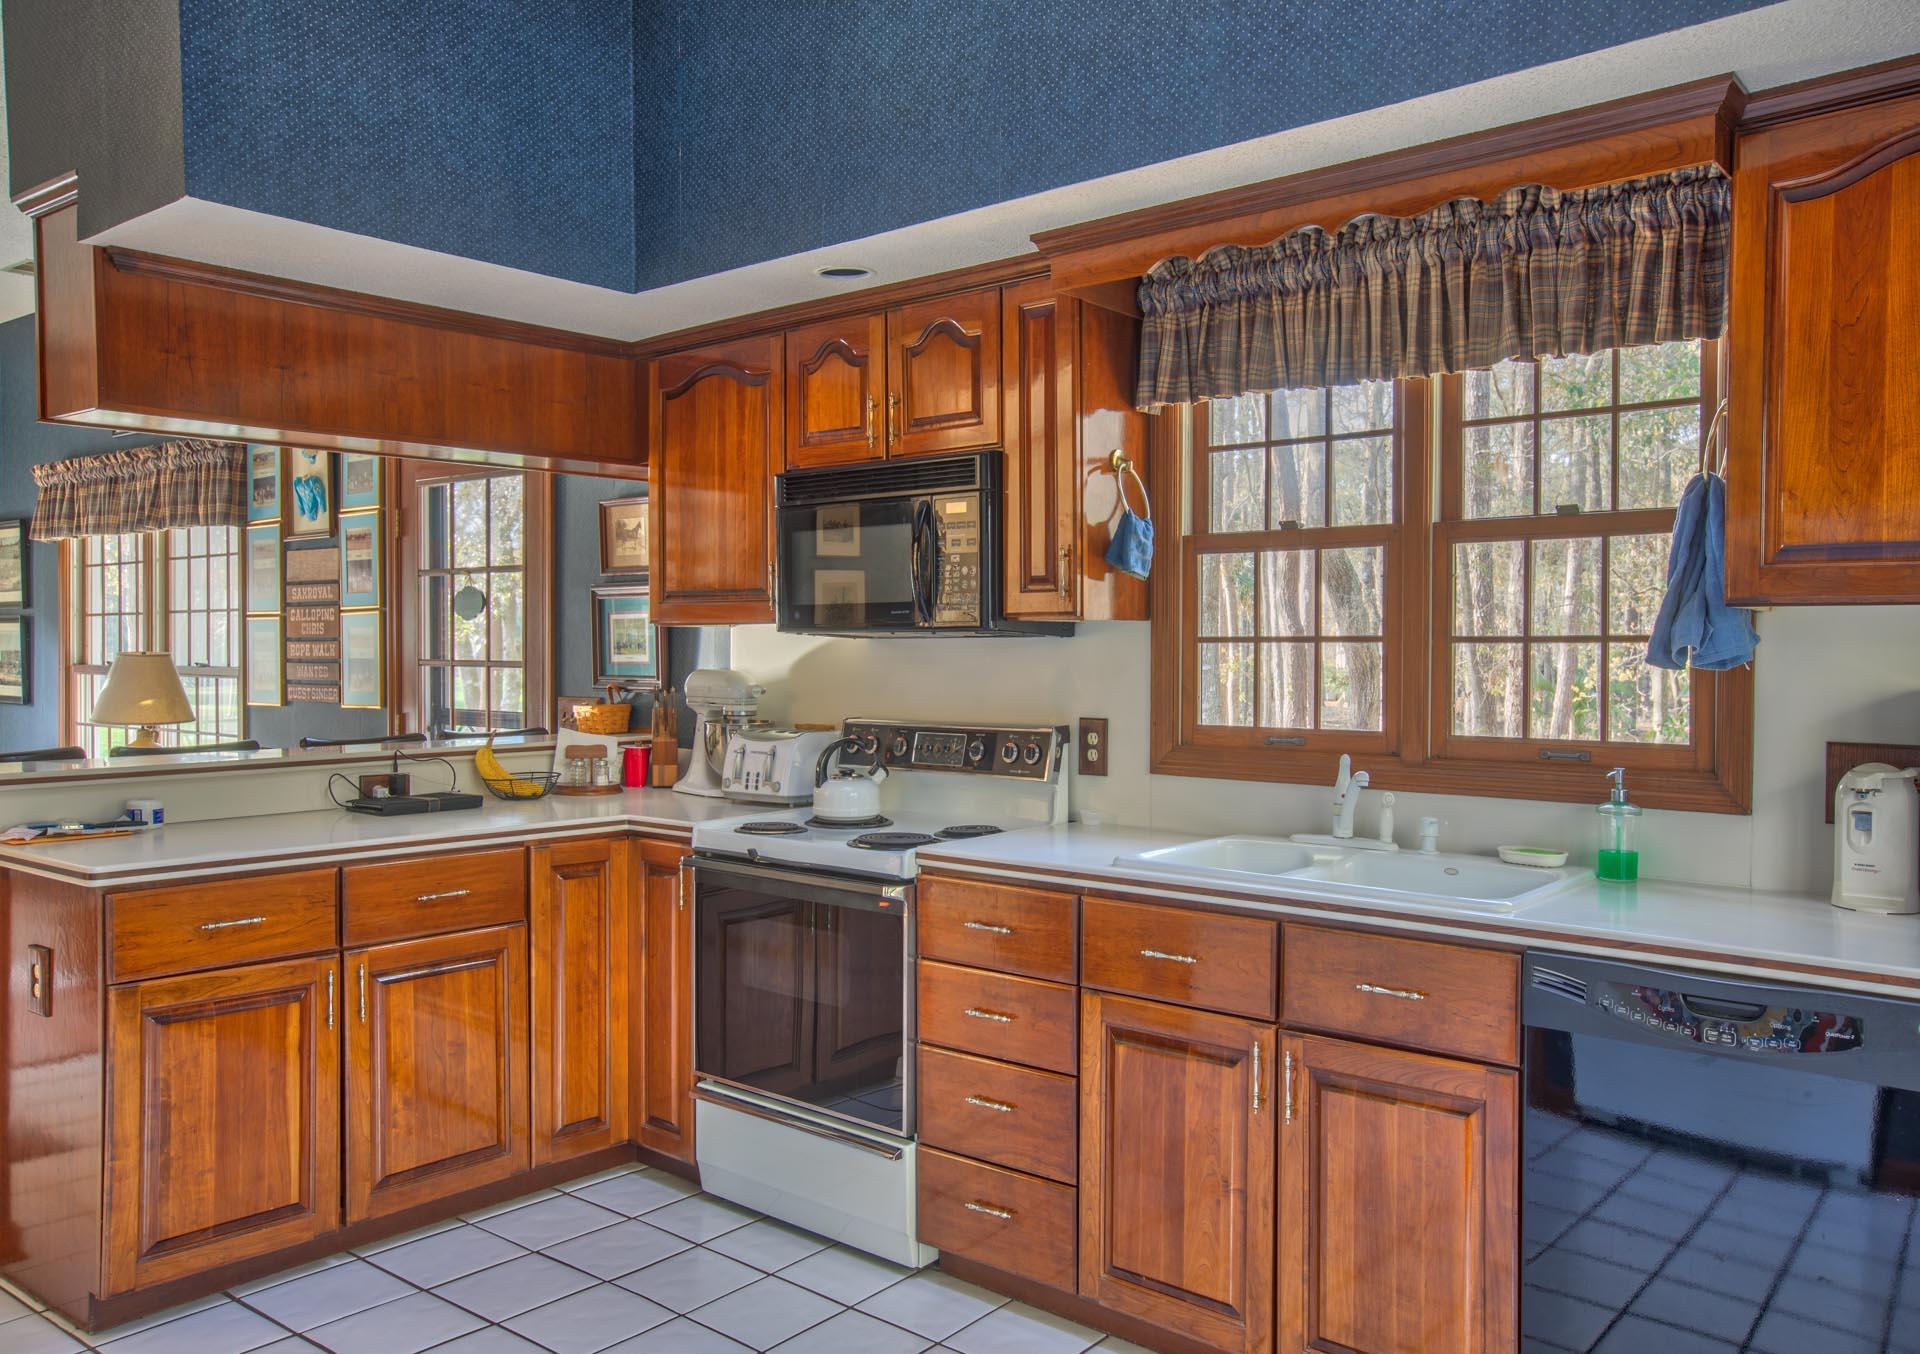 living-kitchen-inside.jpg